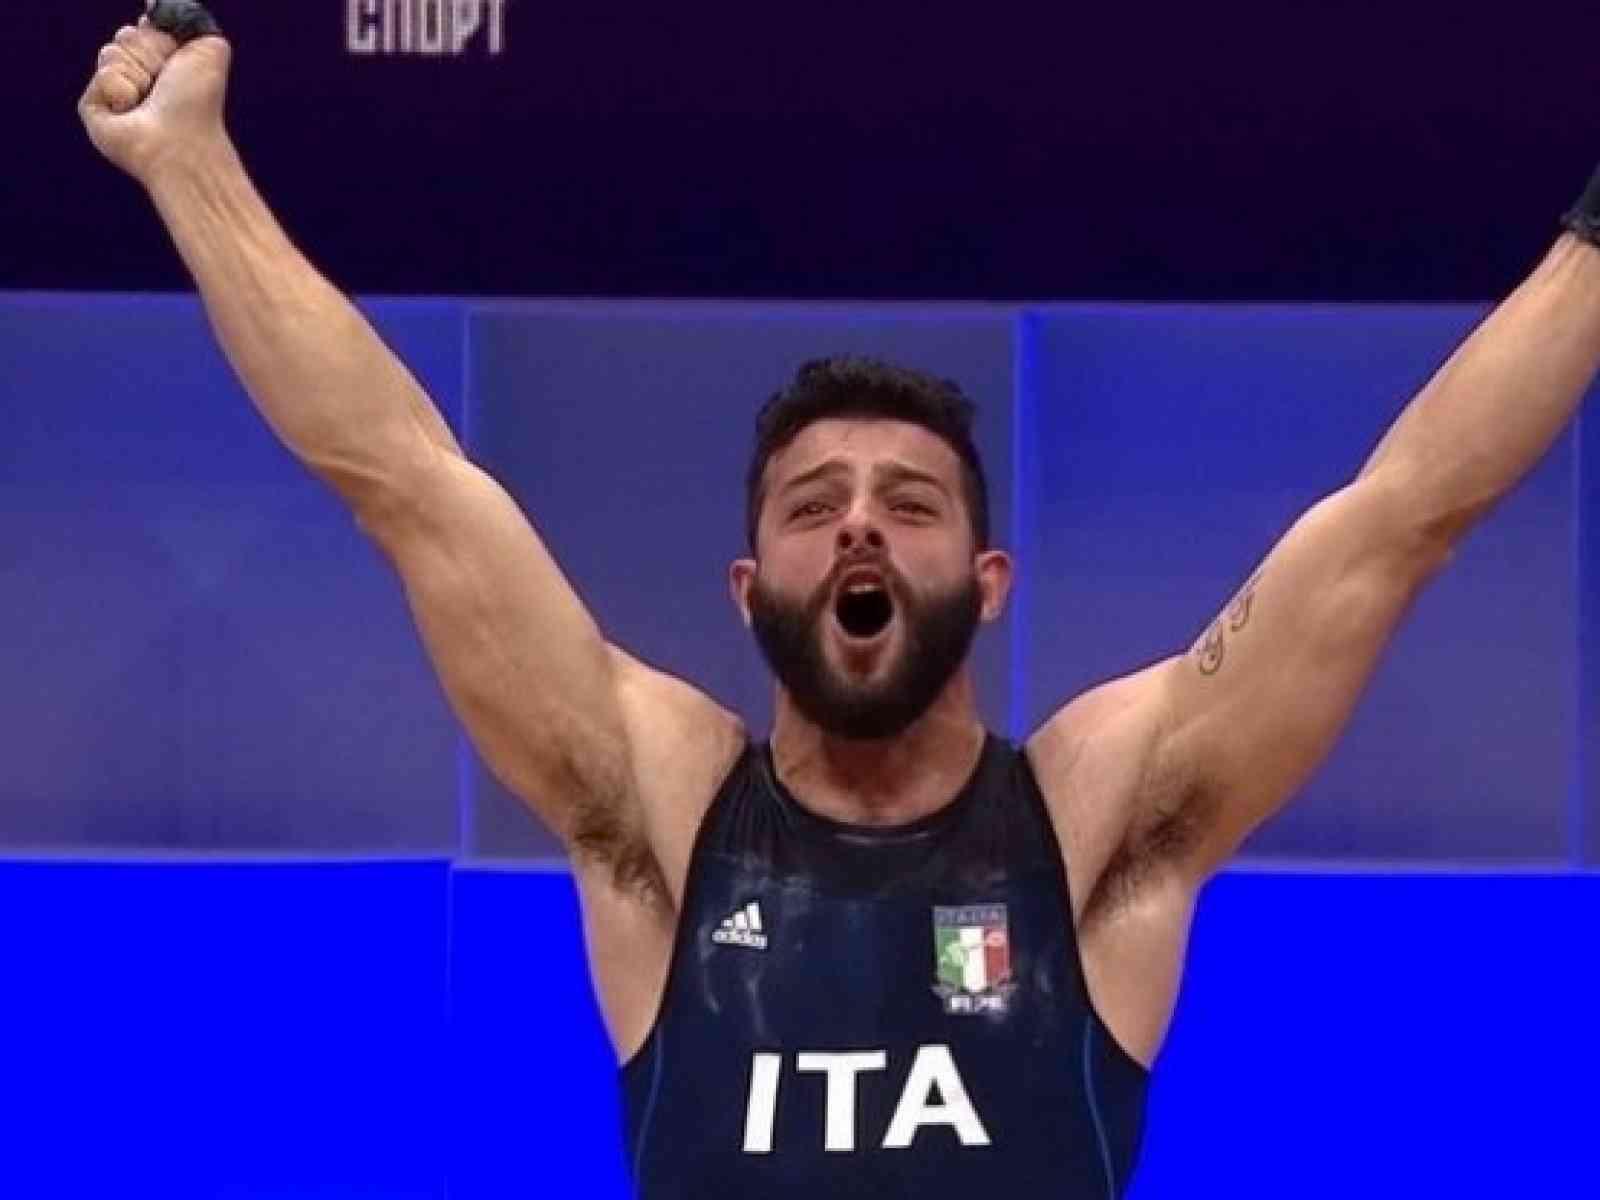 Immagine articolo: Da Salaparuta alle Olimpiadi di Tokyo. Attesa per la gara di Antonino Pizzolato. Intervista al campione di sollevamento pesi